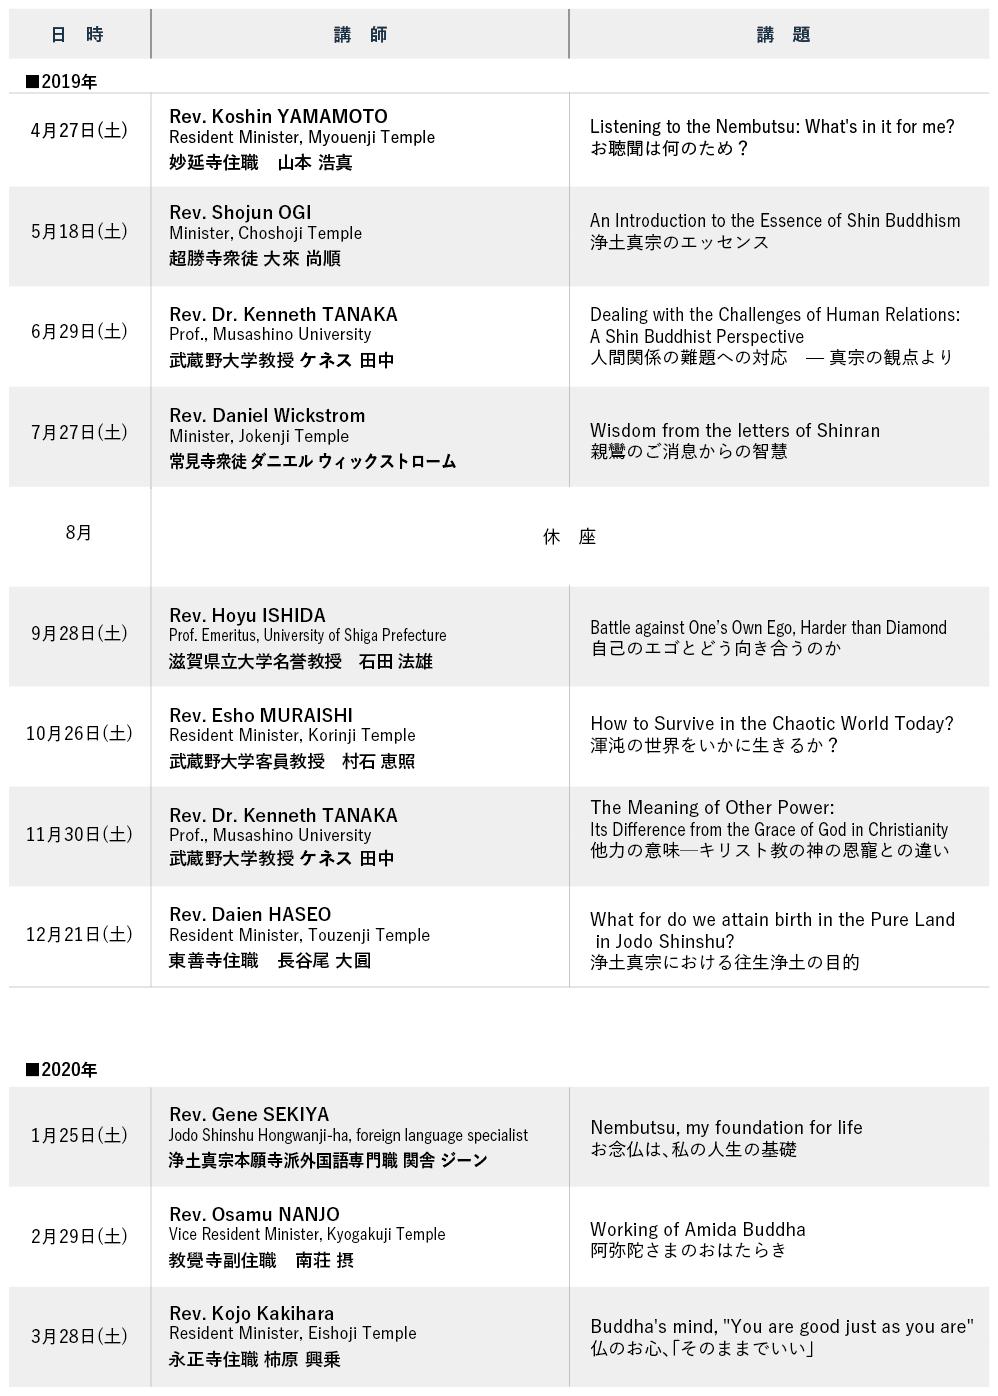 英語法座 スケジュール